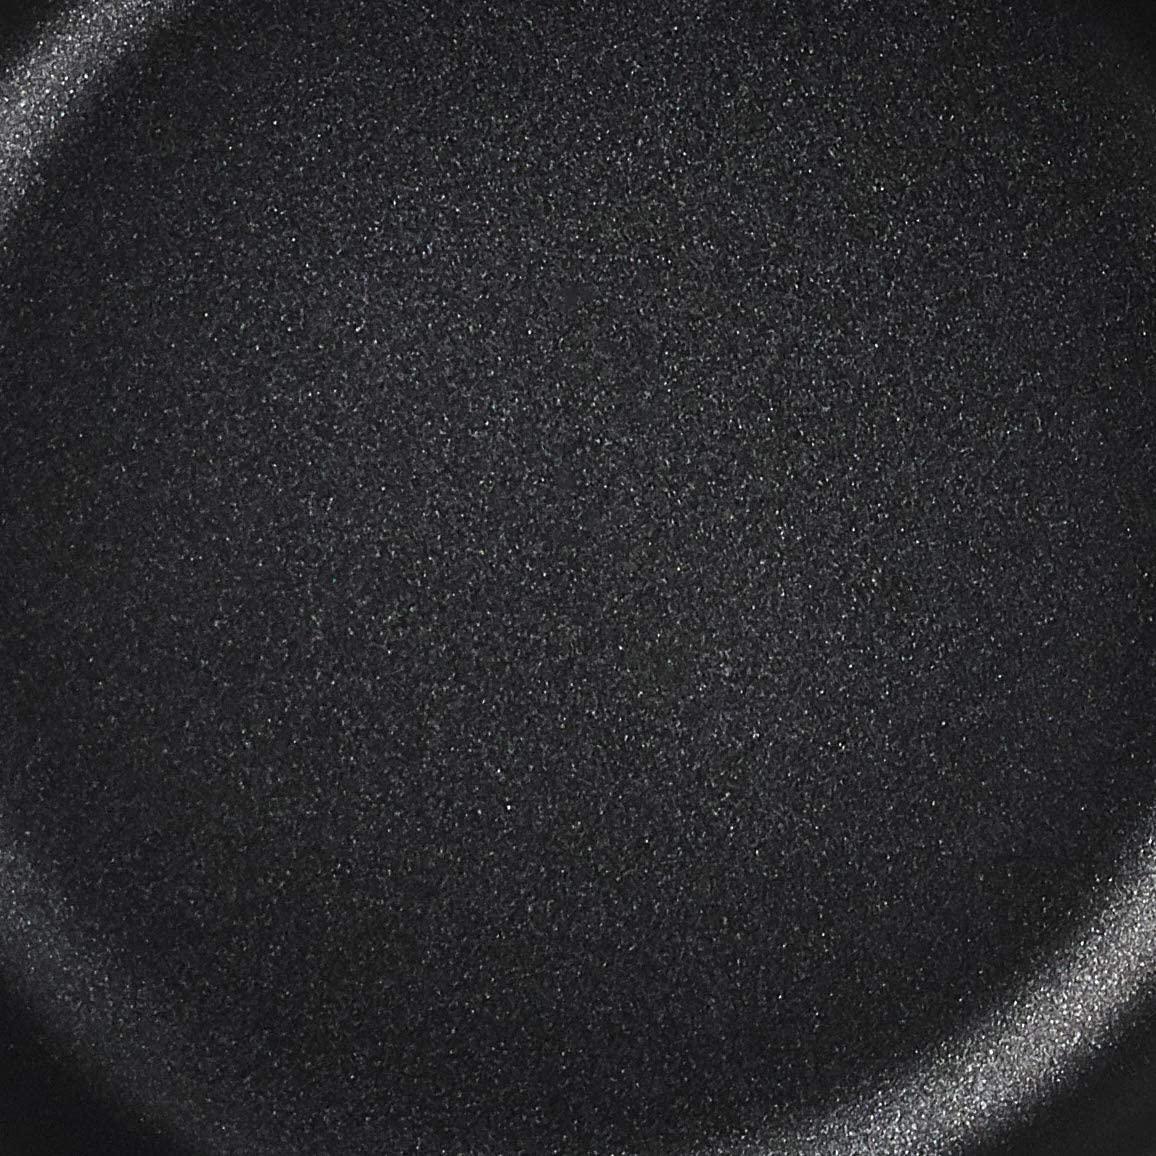 クレア両口付ミニ鍋 14cm レッド H-9584の商品画像6